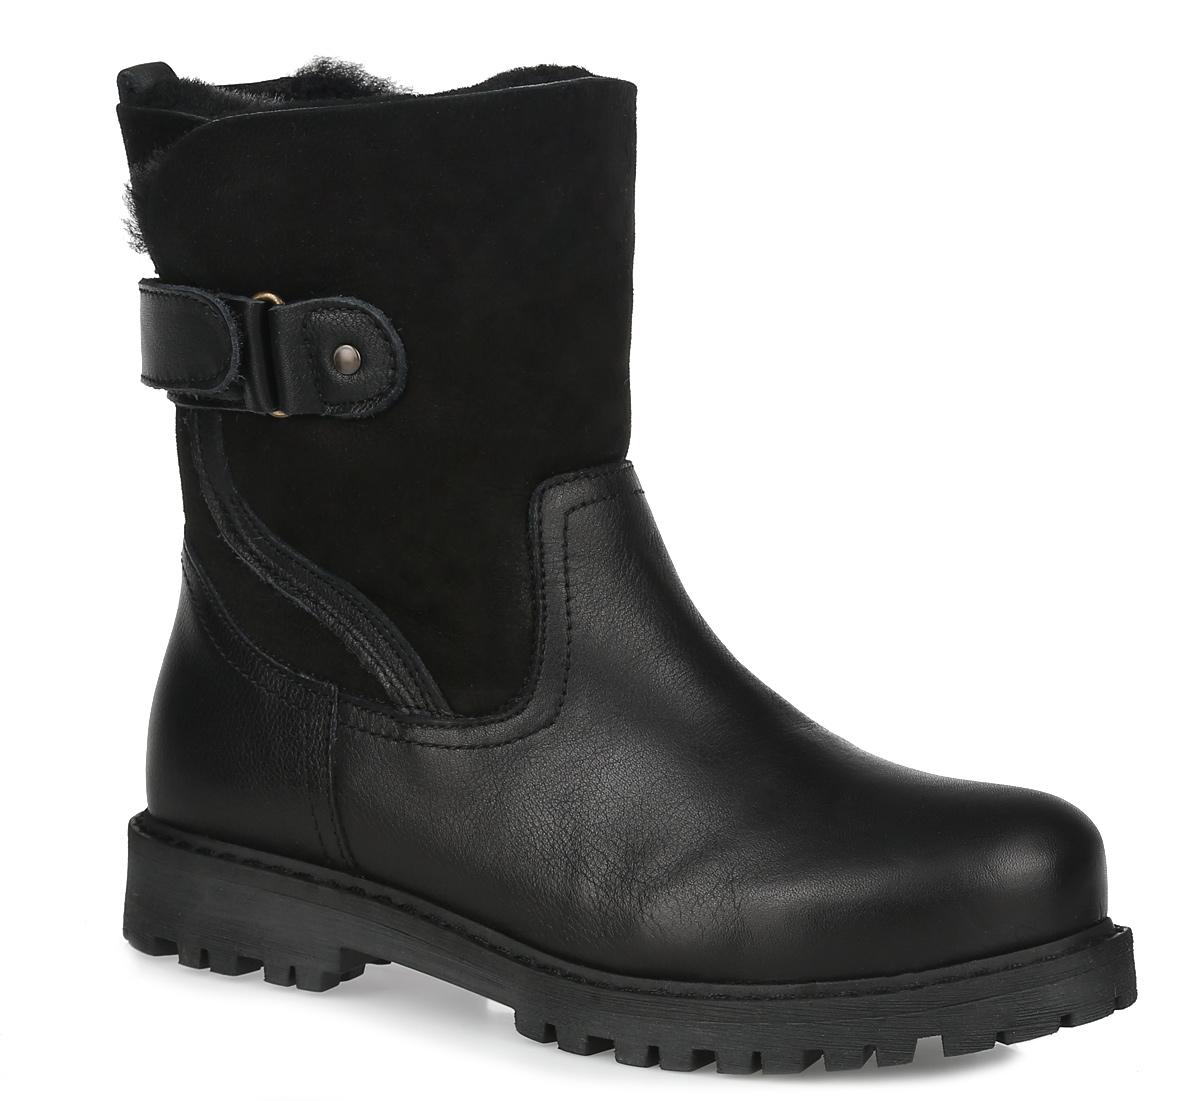 Ботинки женские. 1-1-26434-25-0011-1-26434-25-001Стильные женские ботинки от Tamaris заинтересуют вас своим дизайном. Модель выполнена из натуральной кожи и оформлена прострочкой вдоль ранта. Подкладка и стелька из искусственного меха согреют ваши ноги. Застегиваются ботинки на кожаный хлястик с липучкой. Подошва с рельефным протектором обеспечивает отличное сцепление на любой поверхности. В таких ботинках вашим ногам будет комфортно и уютно. Они подчеркнут ваш стиль и индивидуальность.